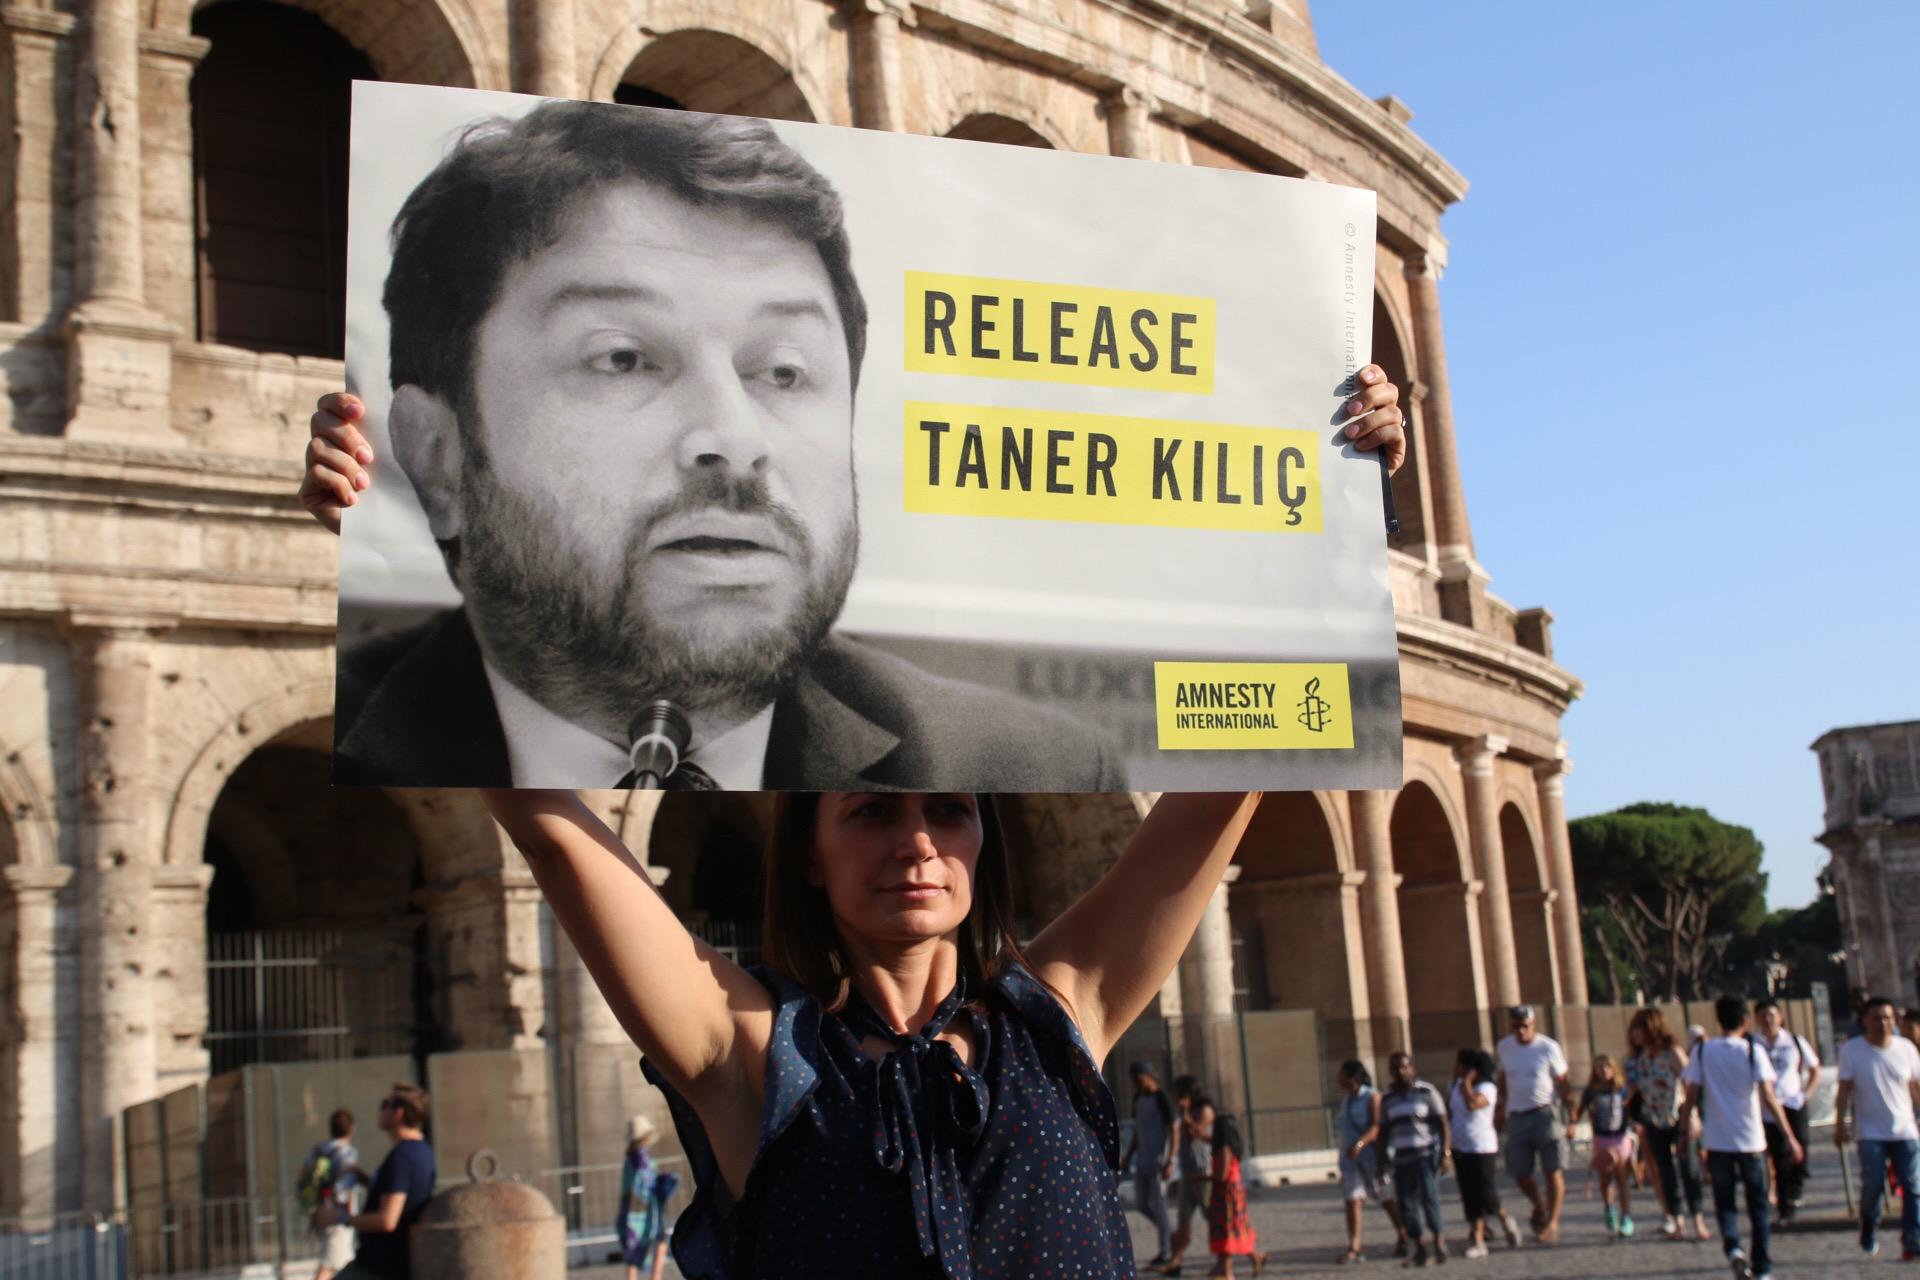 Nyolc hónap után szabadlábra helyezték a török Amnesty International vezetőjét